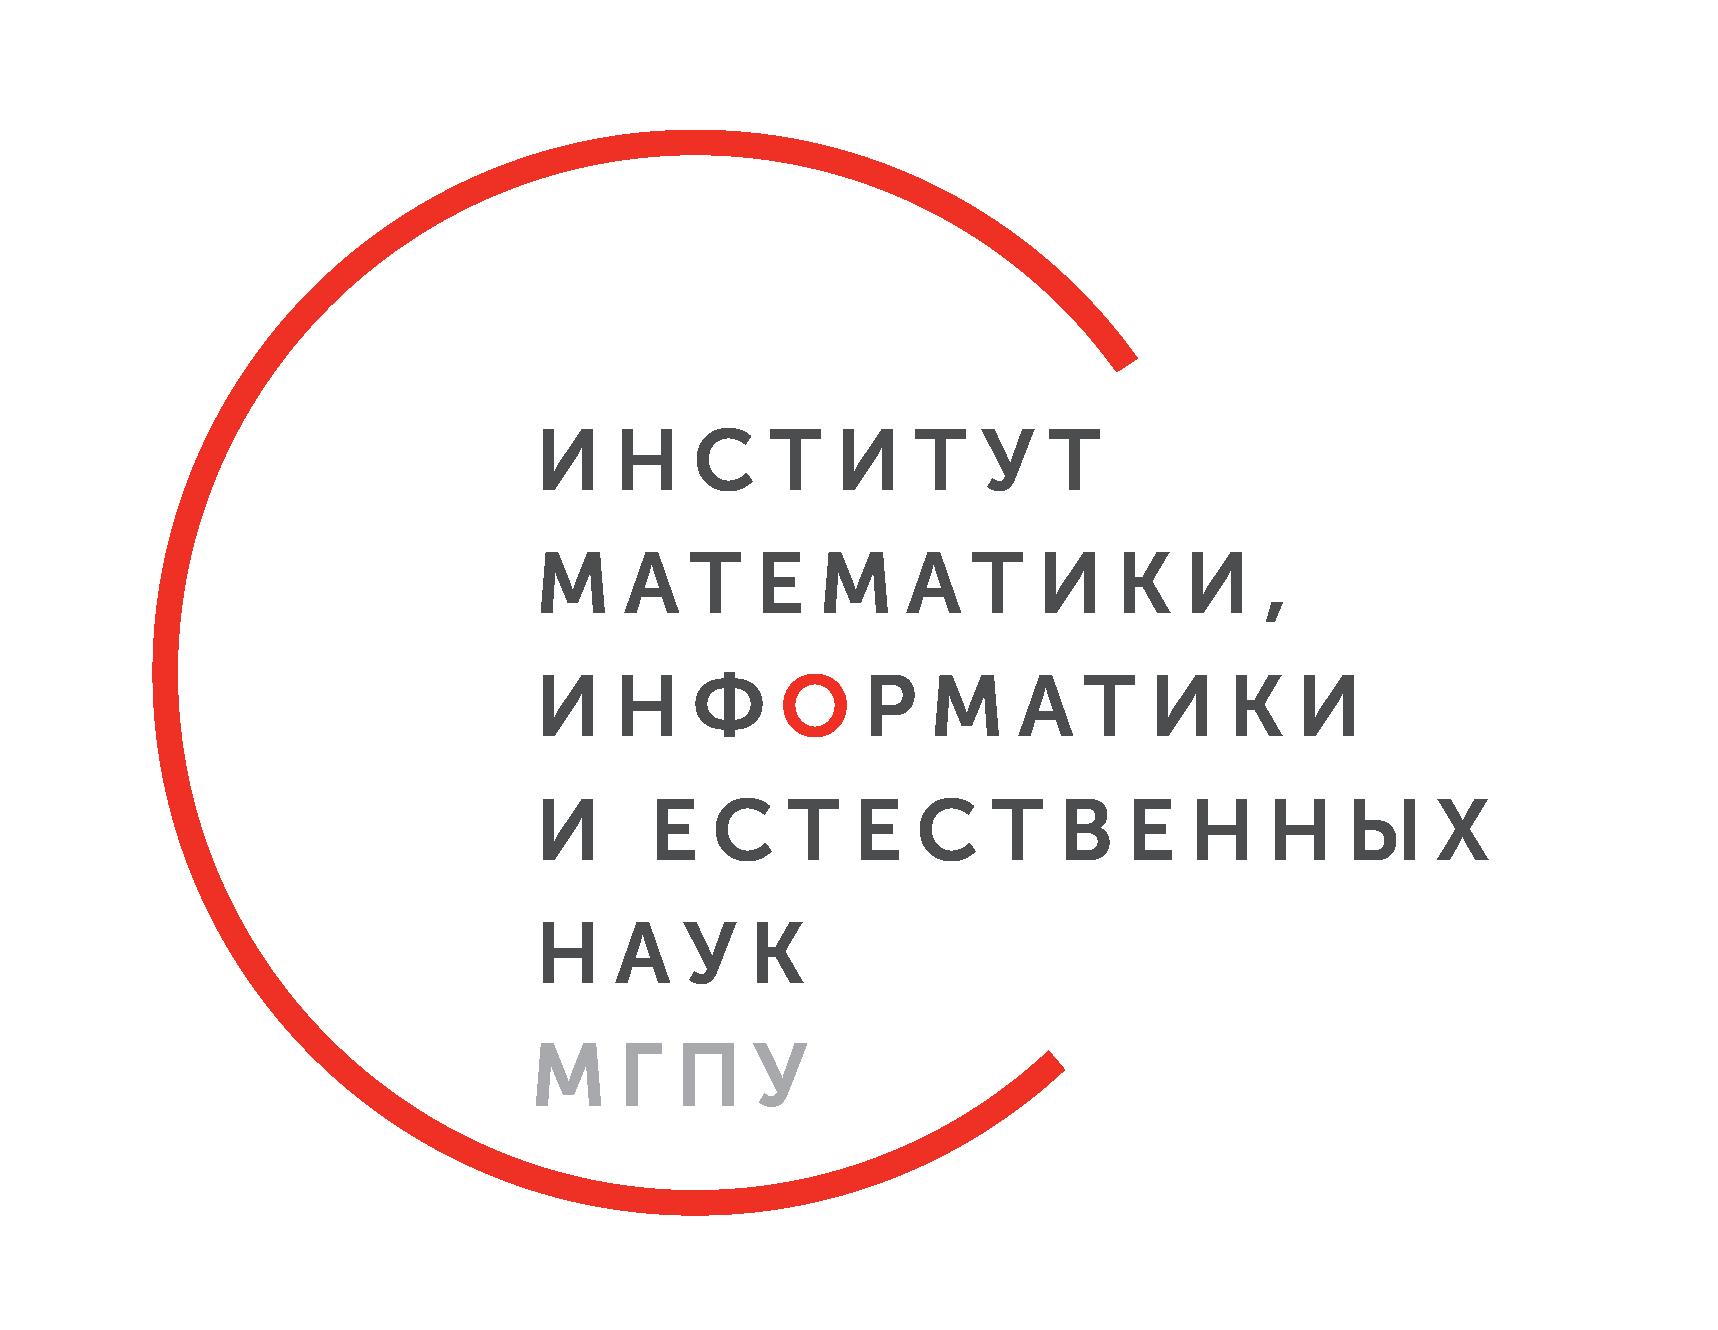 Институт математики, информатики иестественных наук